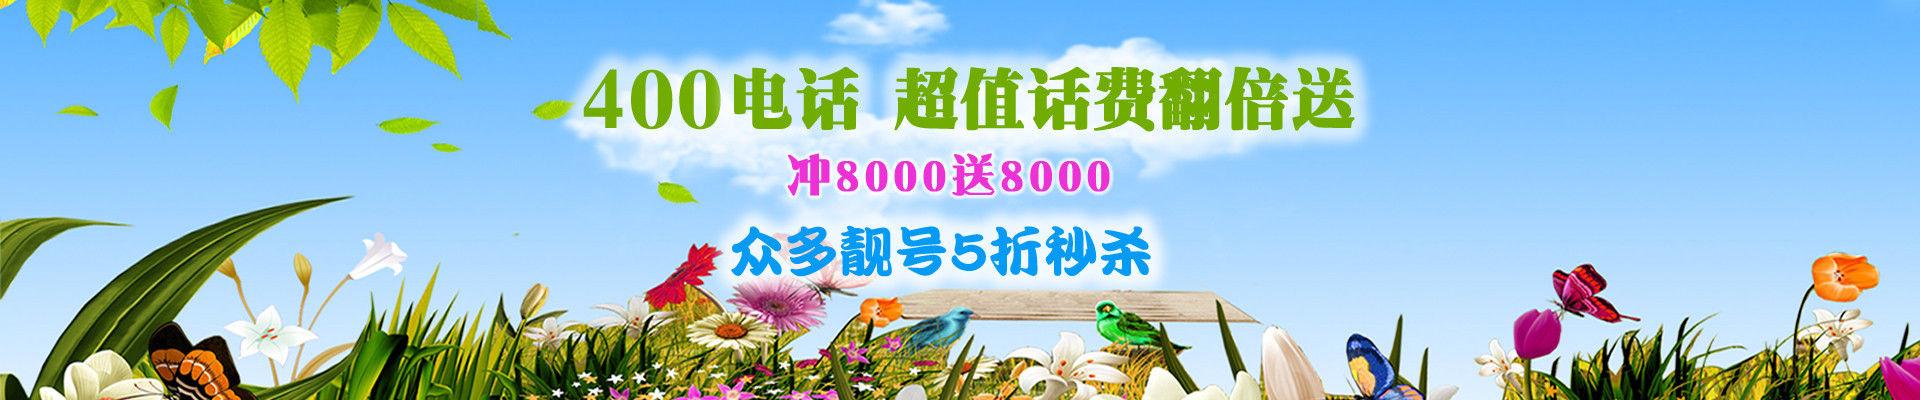 湖南400电话优惠活动